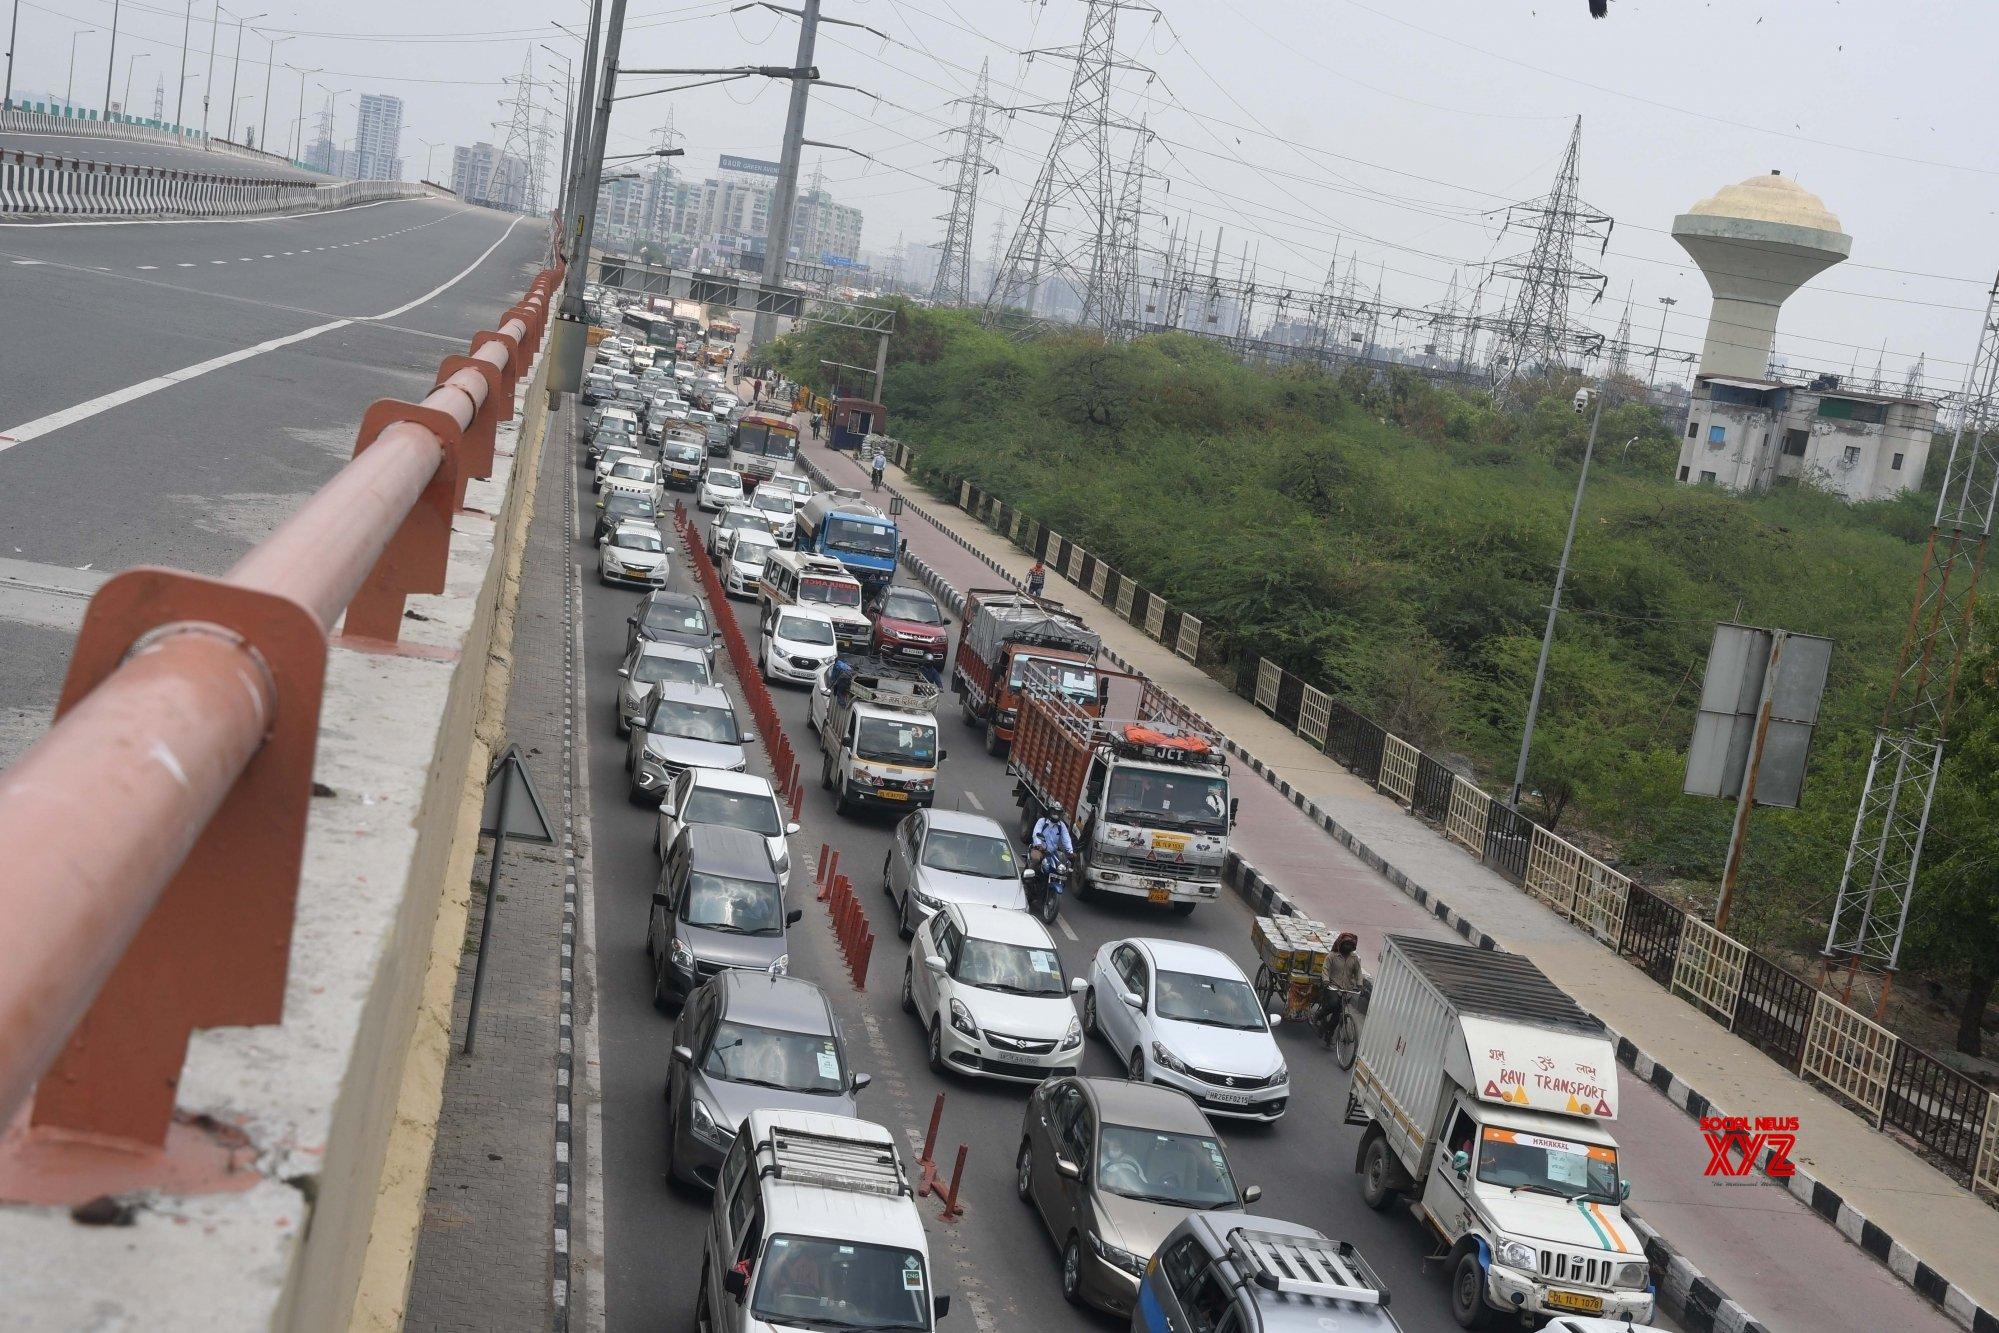 दिल्ली आज से शर्तों के साथ अनलॉक, मेट्रो और मॉल अभी रहेंगे बंद, जानें पूरी डिटेल